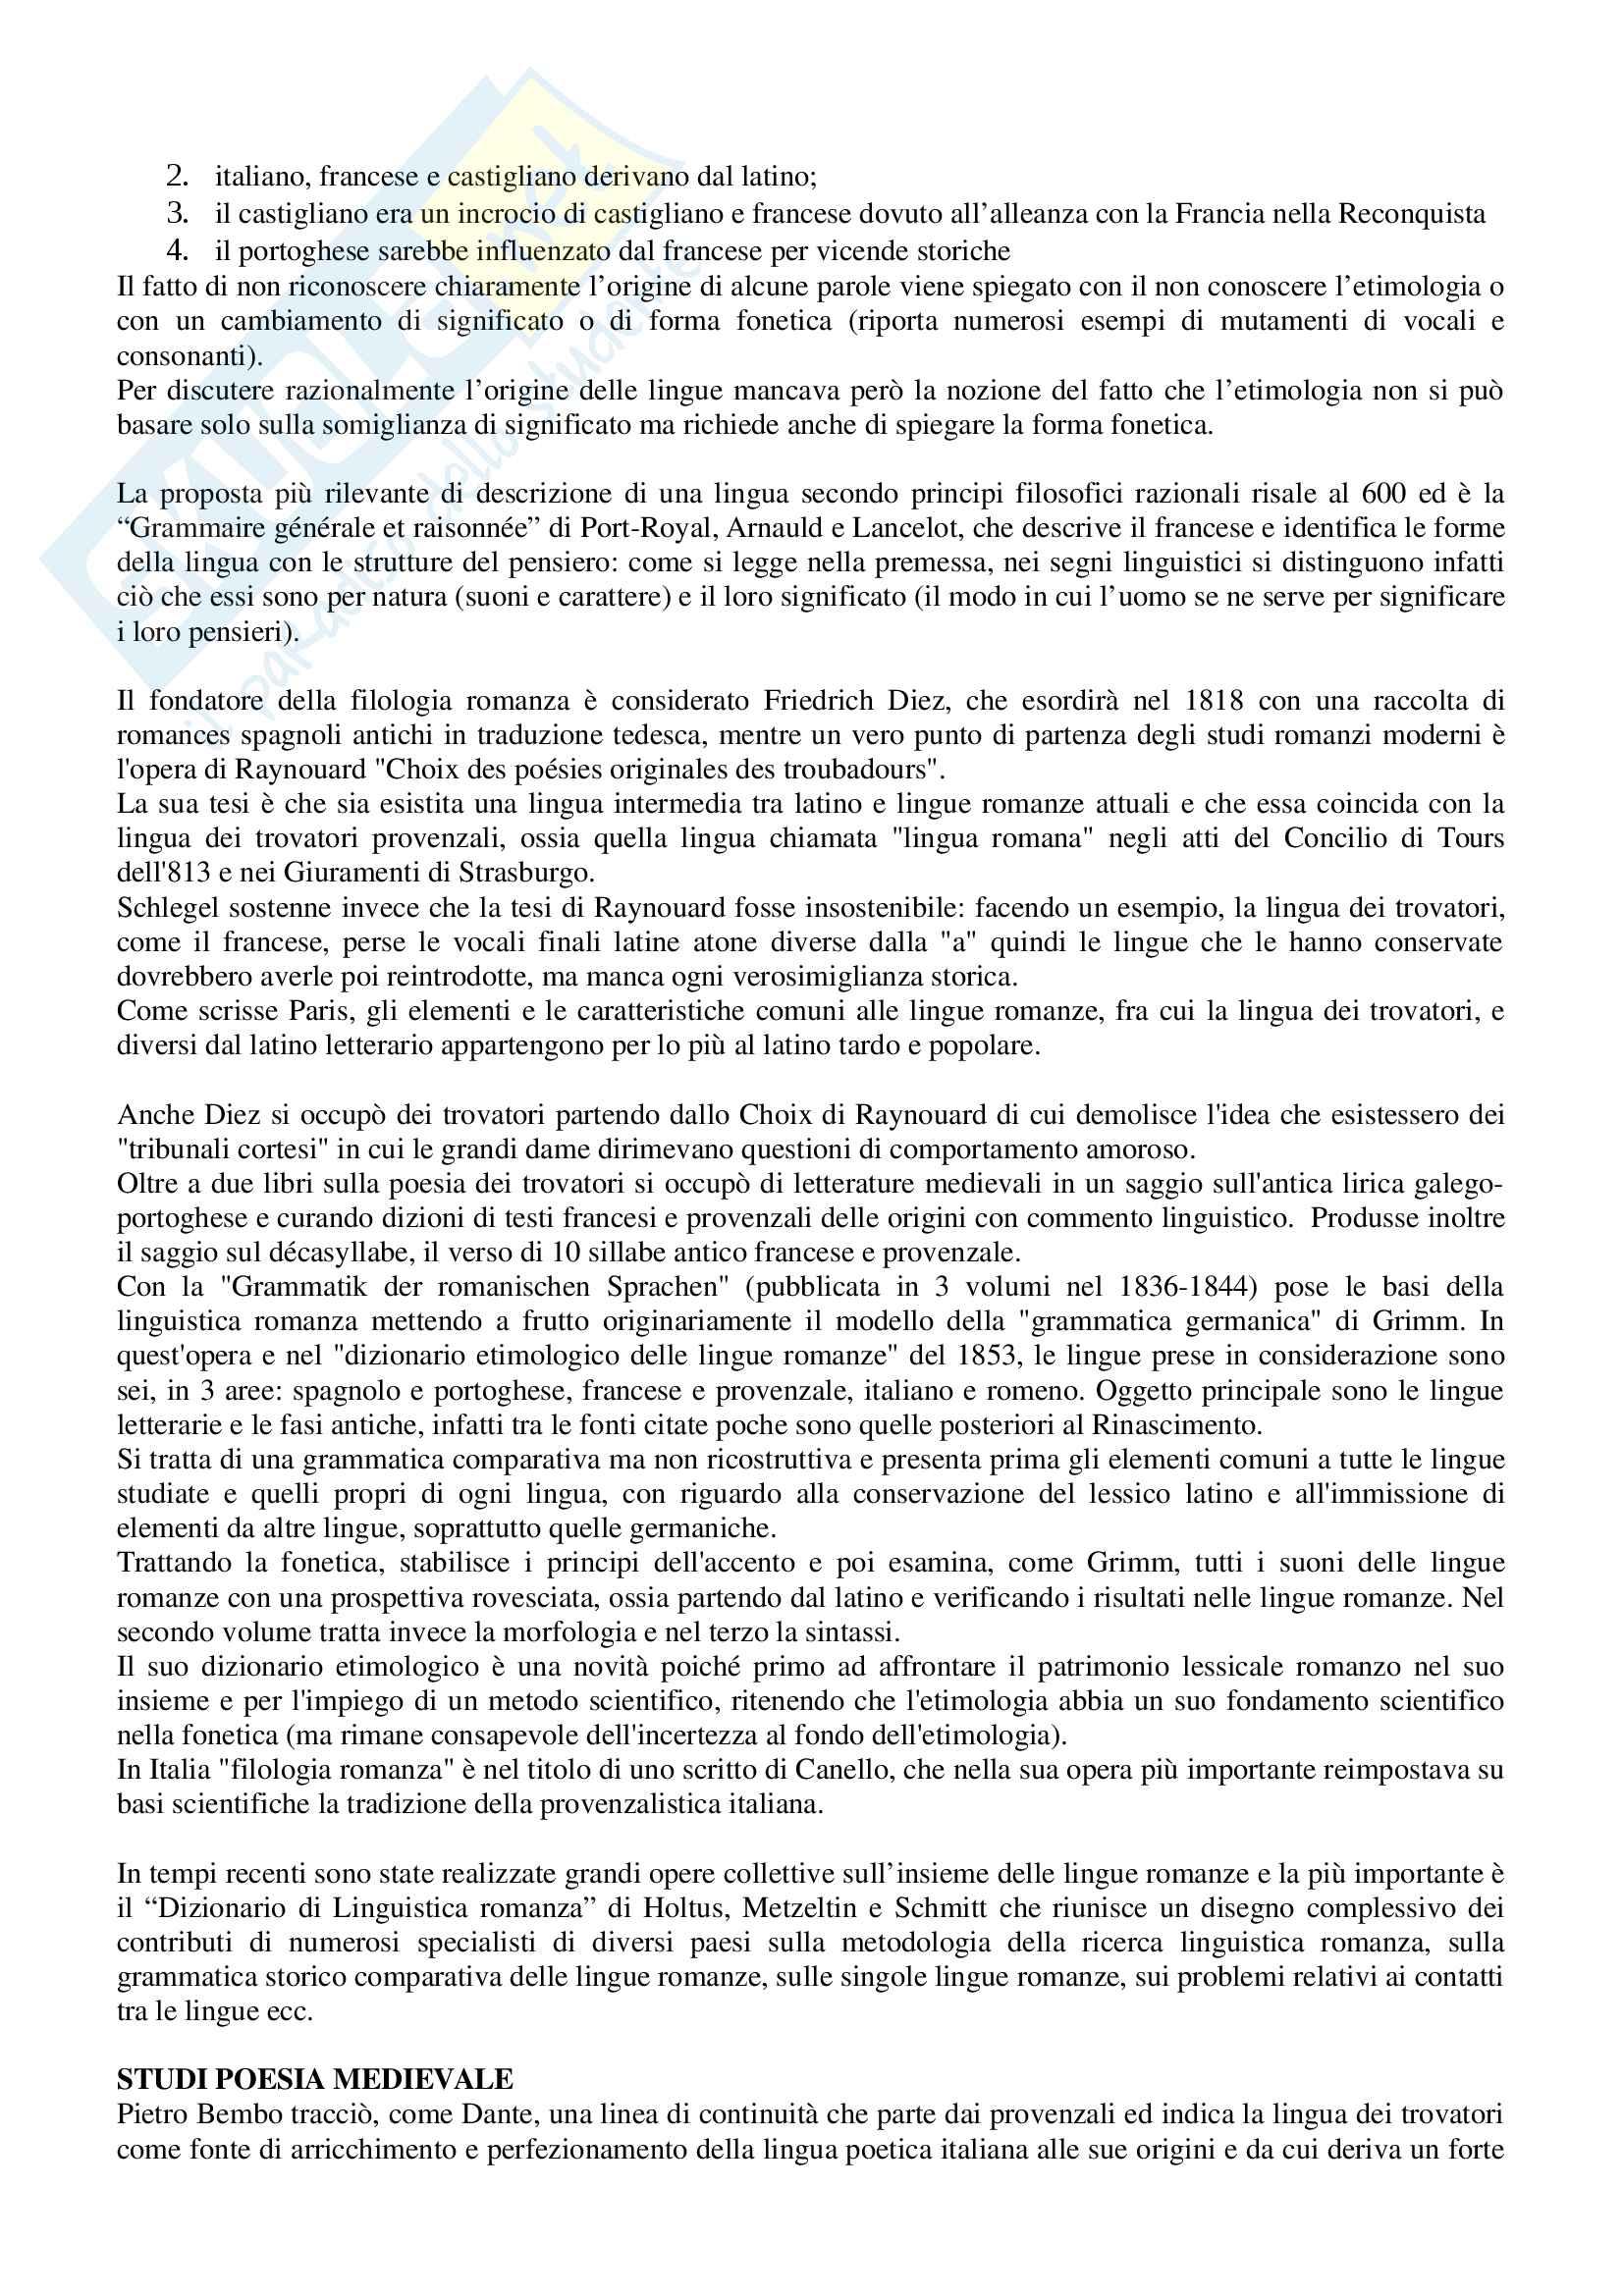 Riassunto per esame Filologia romanza, prof Paradisi, libro consigliato: La filologia romanza, Beltrami, 2017 Pag. 6